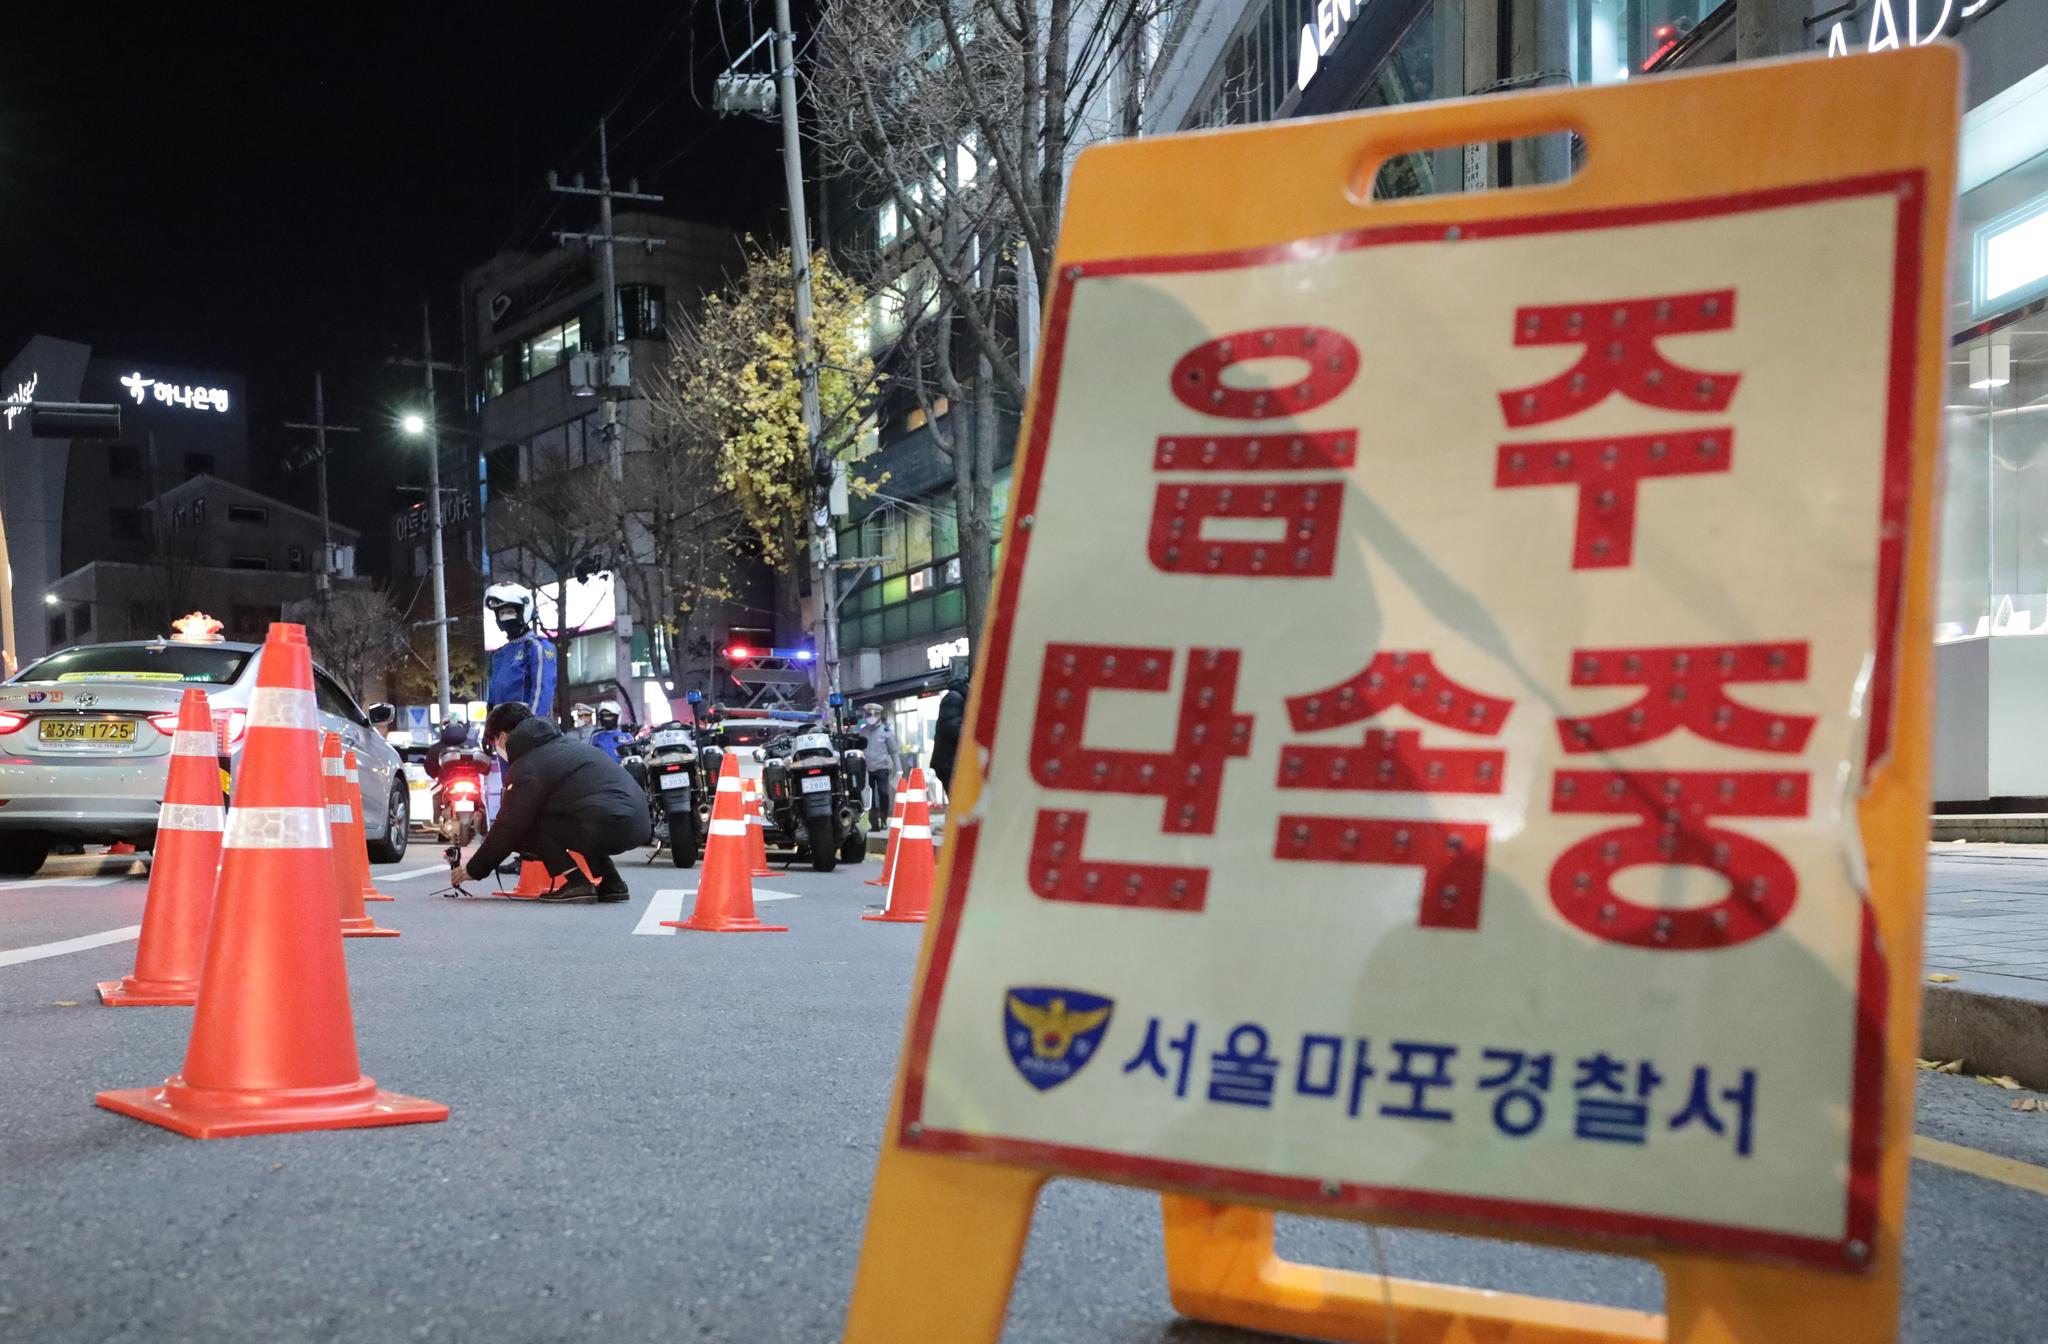 최근 서울 마포구 서교동 일대에서 경찰들이 음주 단속을 실시하는 모습. 뉴스1